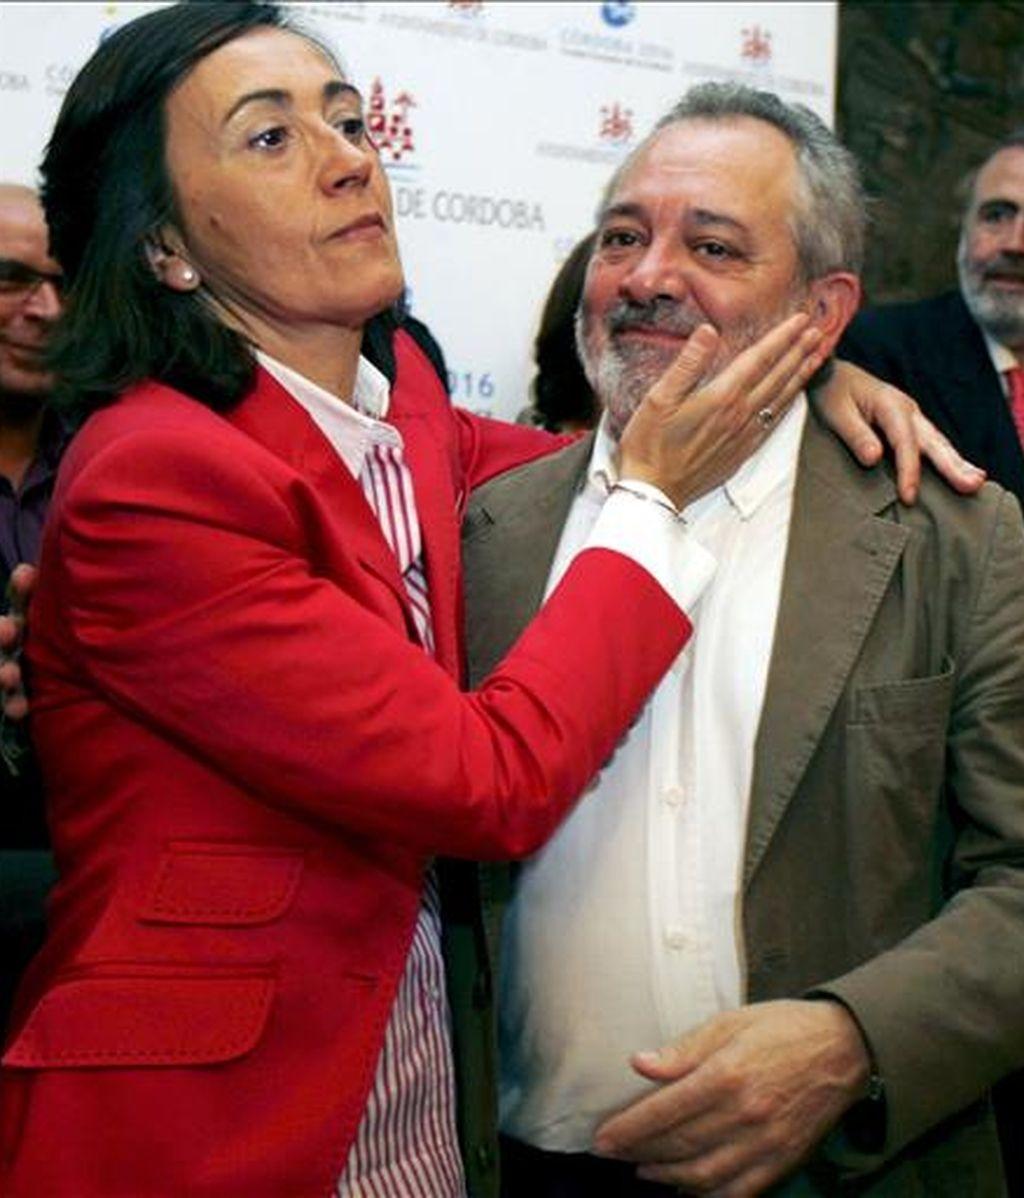 Rosa Aguilar, alcaldesa de Córdoba durante diez años, junto a su segundo teniente de alcalde y a quien ha señalado como su posible sucesor, Andrés Ocaña, hoy durante el acto en el que entregó su acta de concejal en el ayuntamiento. EFE